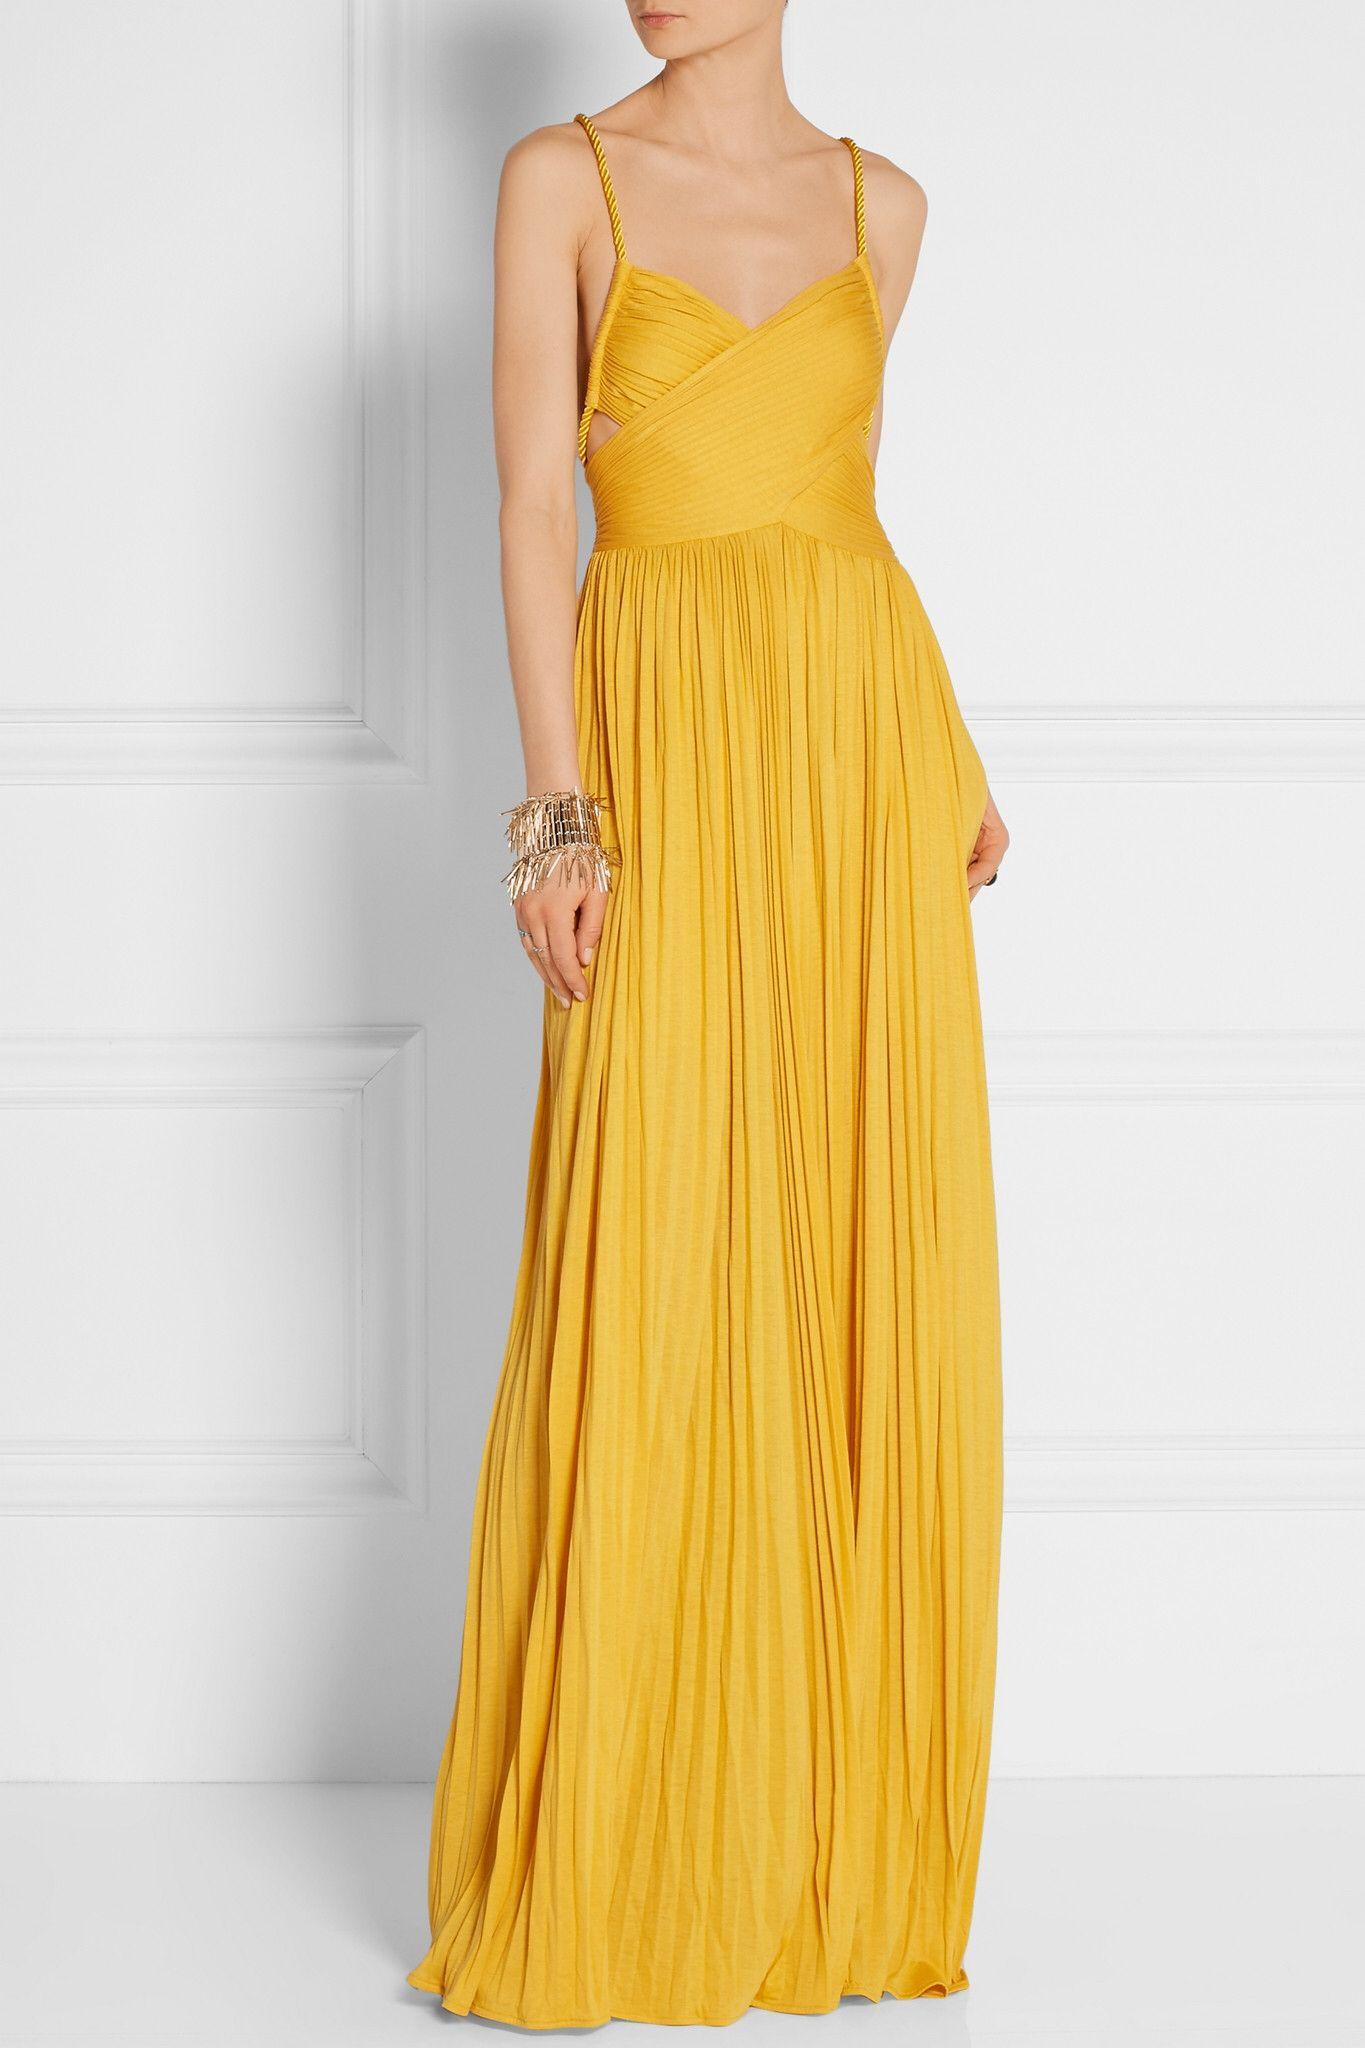 Mustard Kim Plisse Silk Blend Jersey Maxi Dress Rachel Zoe Yellow Maxi Dress Maxi Dress Maxi Jersey Dress [ 2048 x 1365 Pixel ]